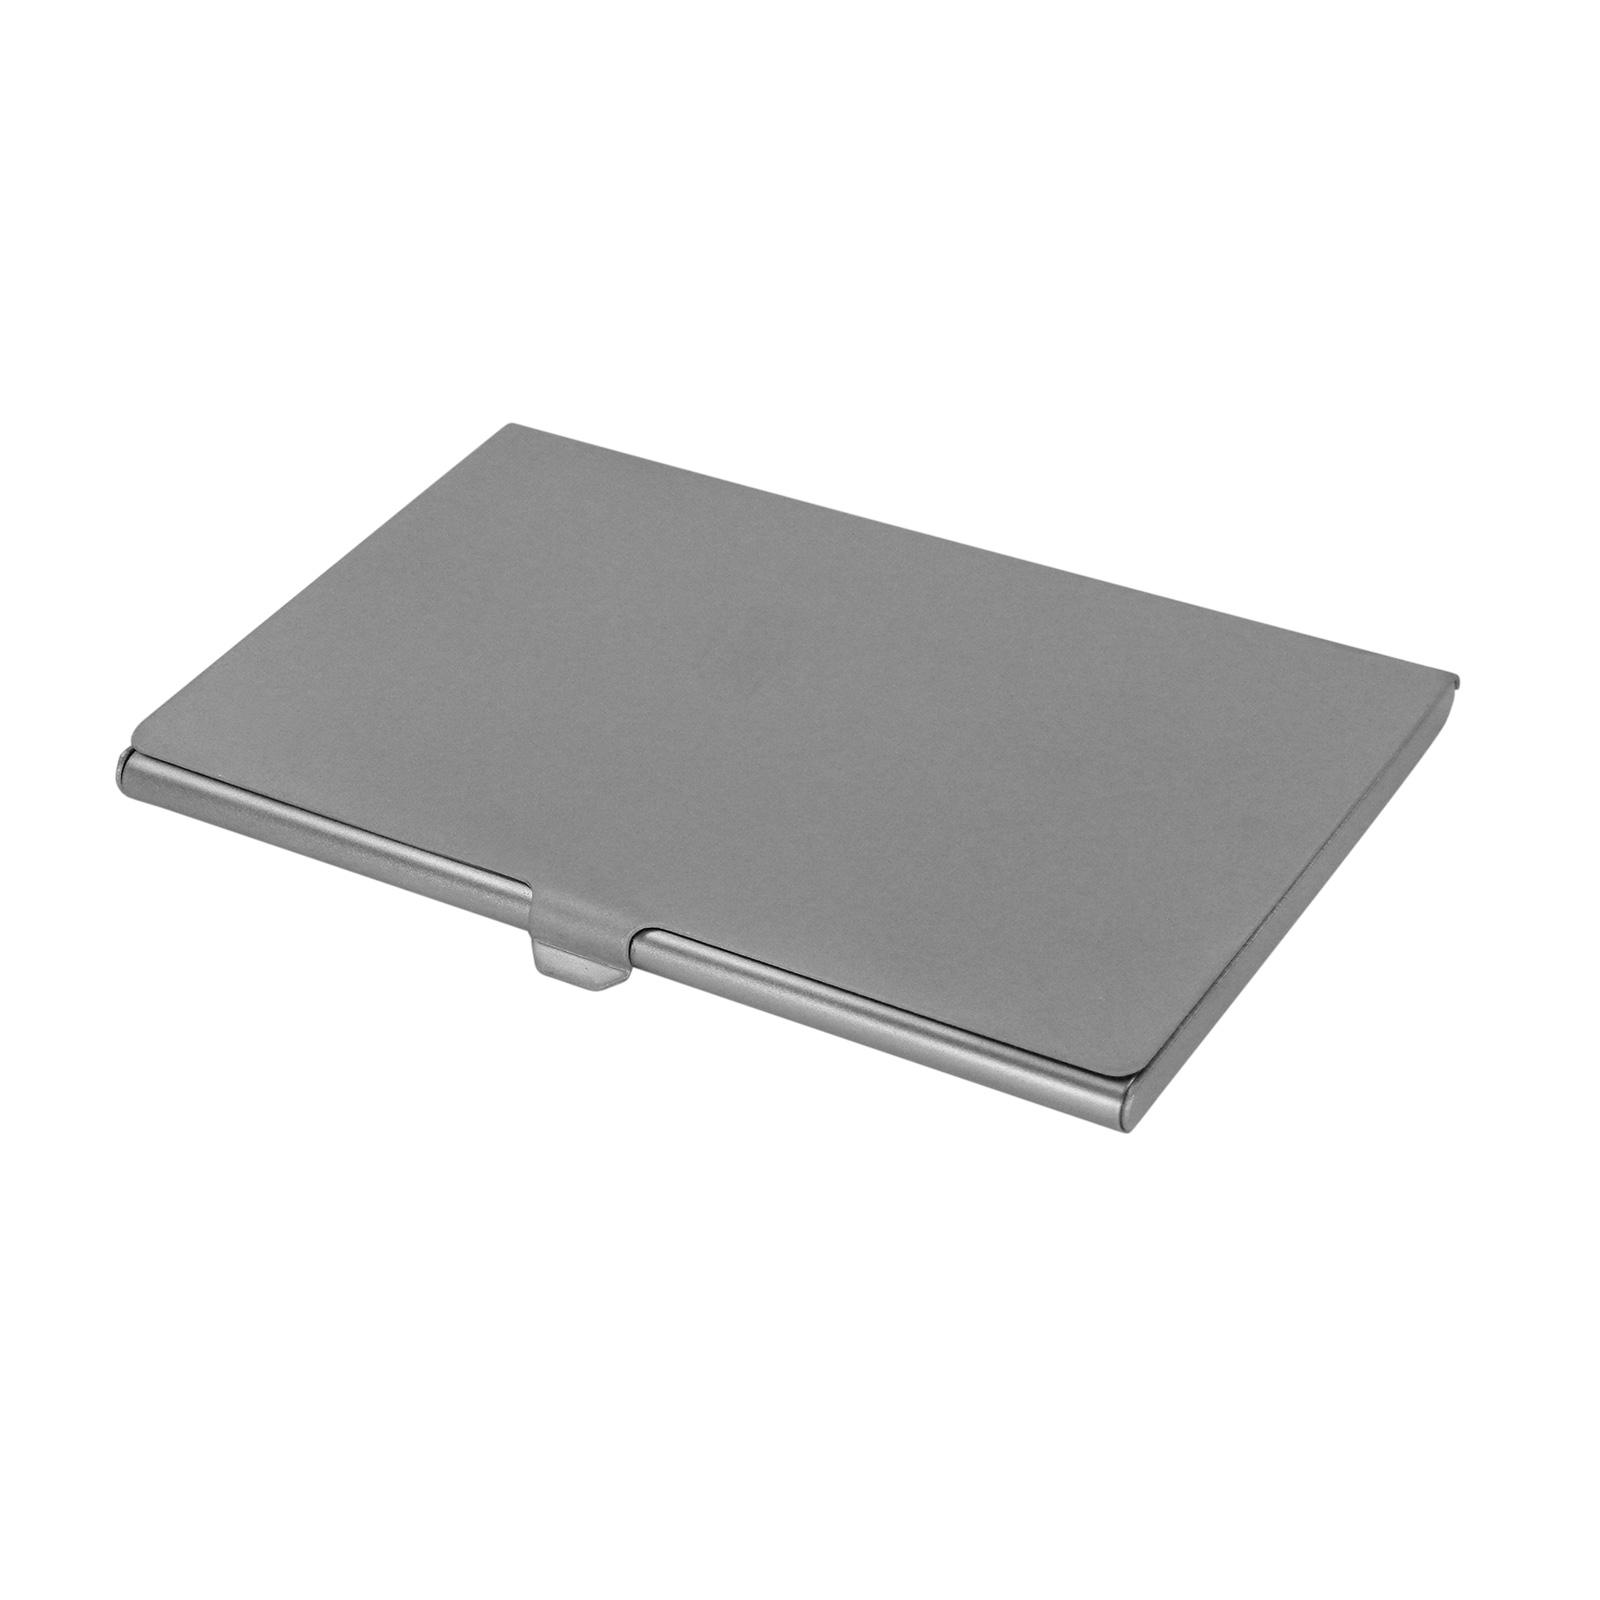 Visitenkarten etui metall visitenkartenhalter - Metall visitenkarten ...